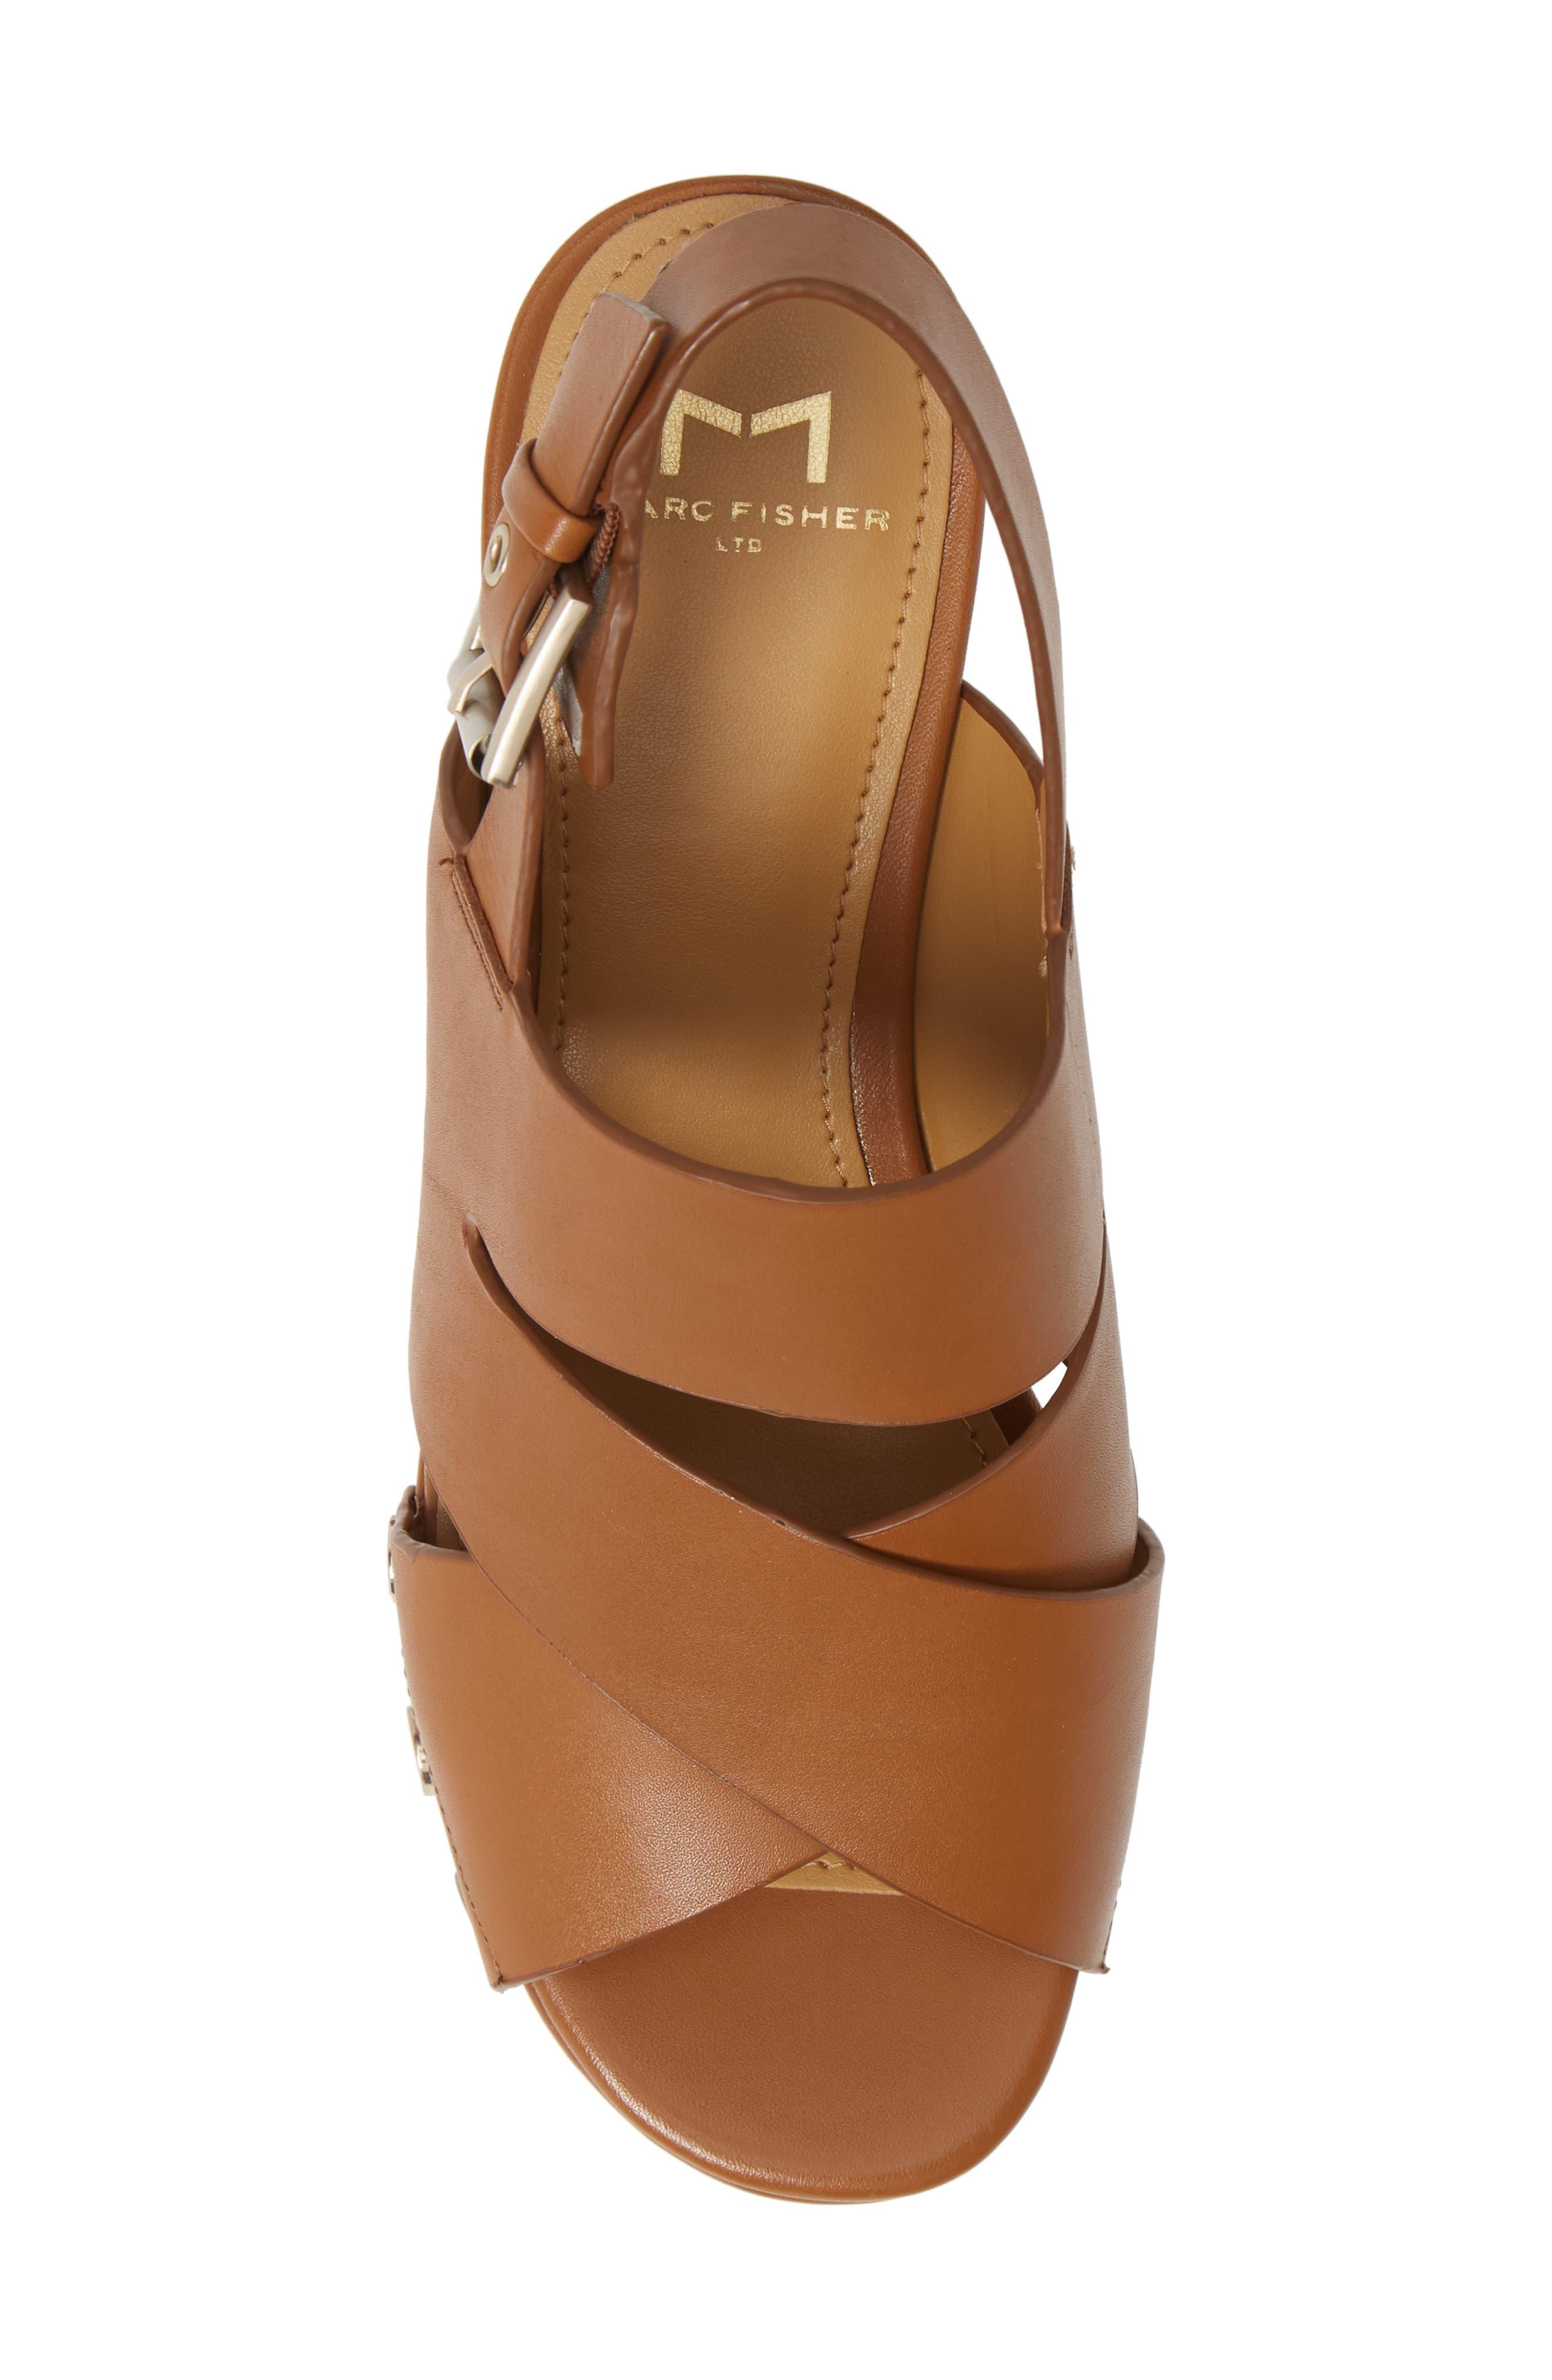 Bianka Platform Wedge Sandal,                             Alternate thumbnail 5, color,                             GINGER SNAP LEATHER